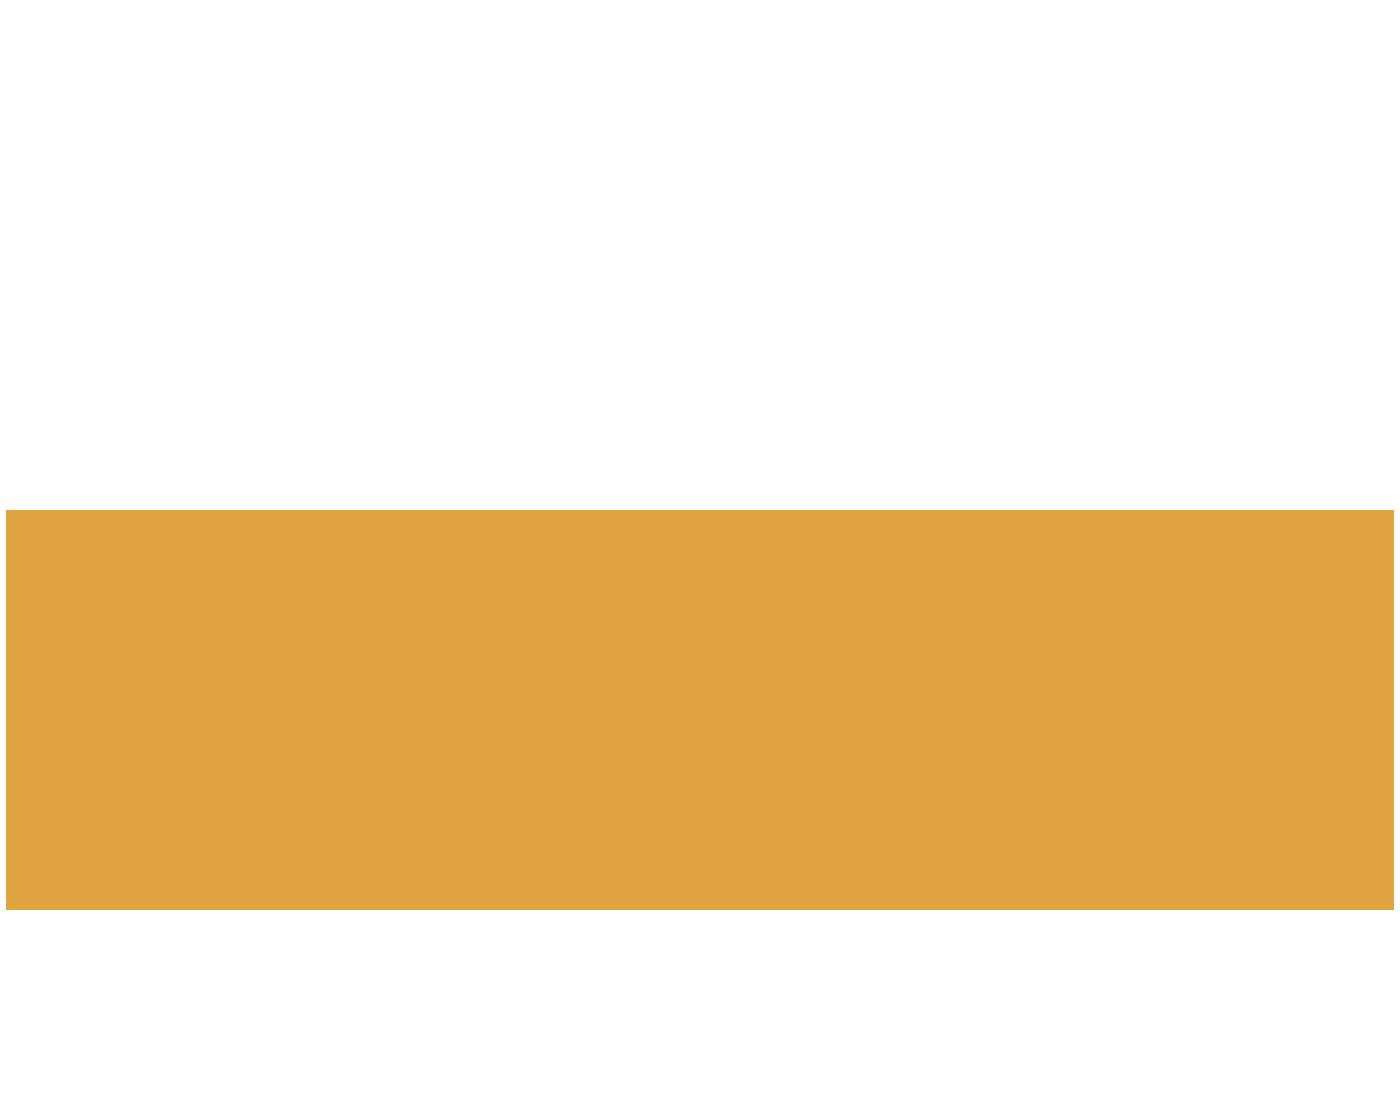 WILCOXLOGISTICS